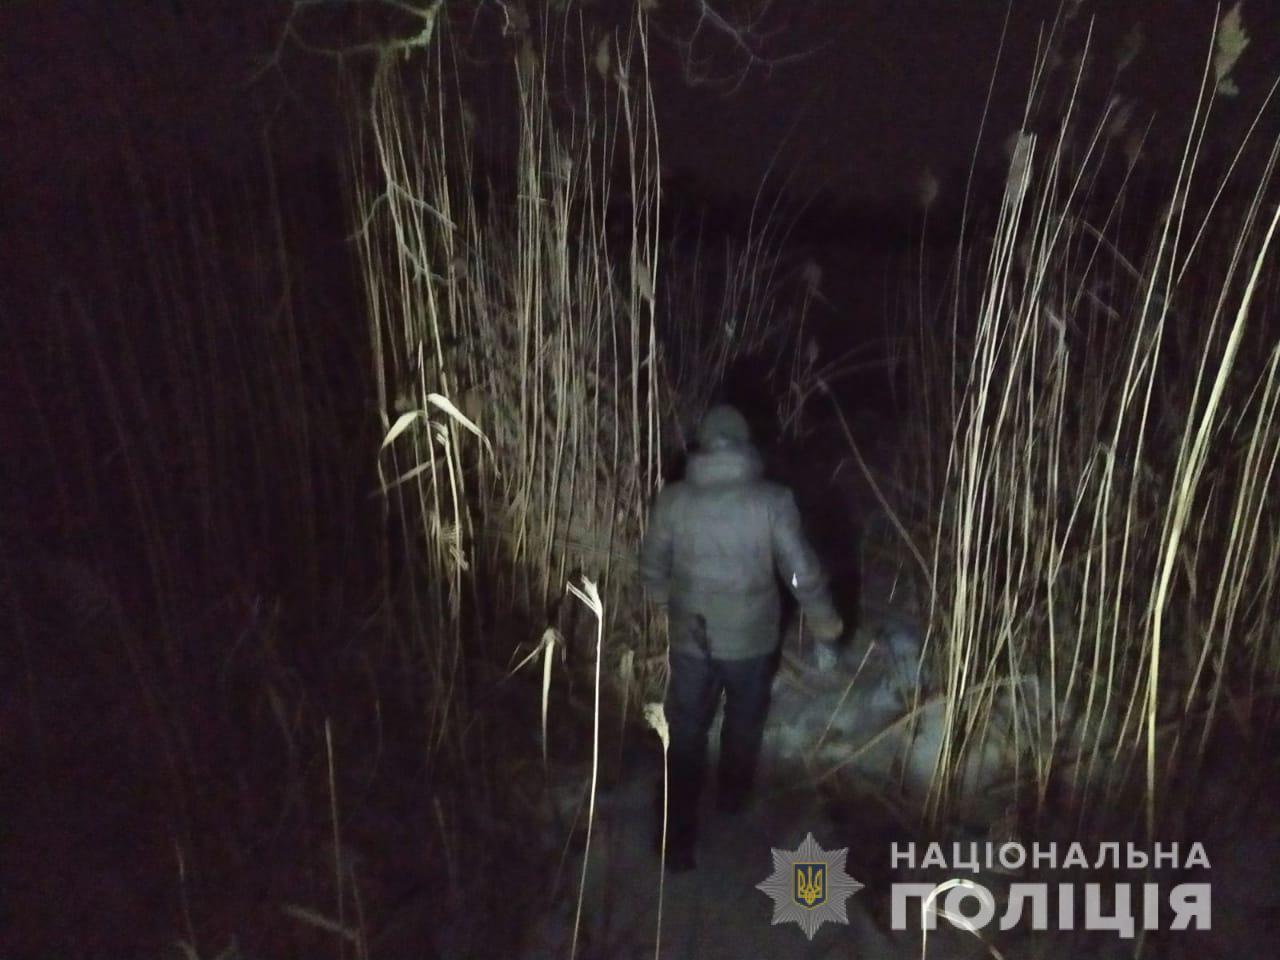 Провалилися під лід: на Харківщині потонули двоє рибалок